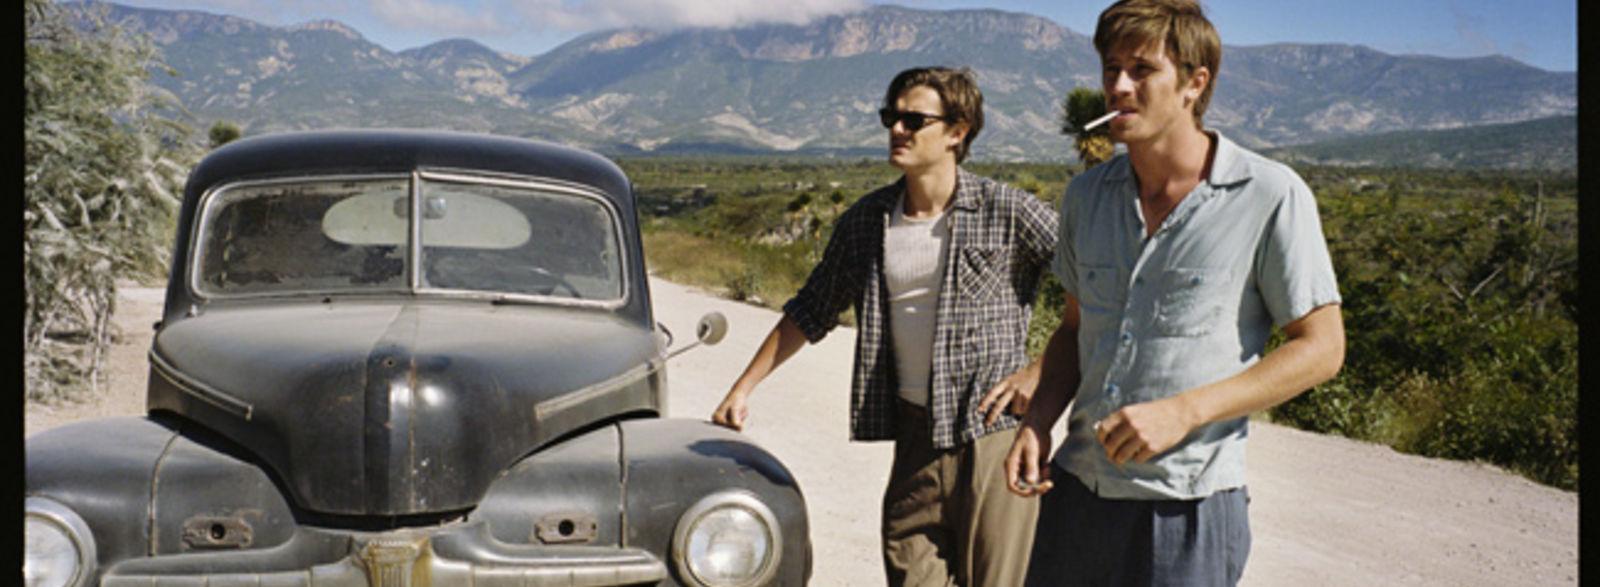 «Sur la route», de Walter Salles ; «Post tenebras lux», de Carlos Reygadas; «The Paperboy», de Lee Daniels